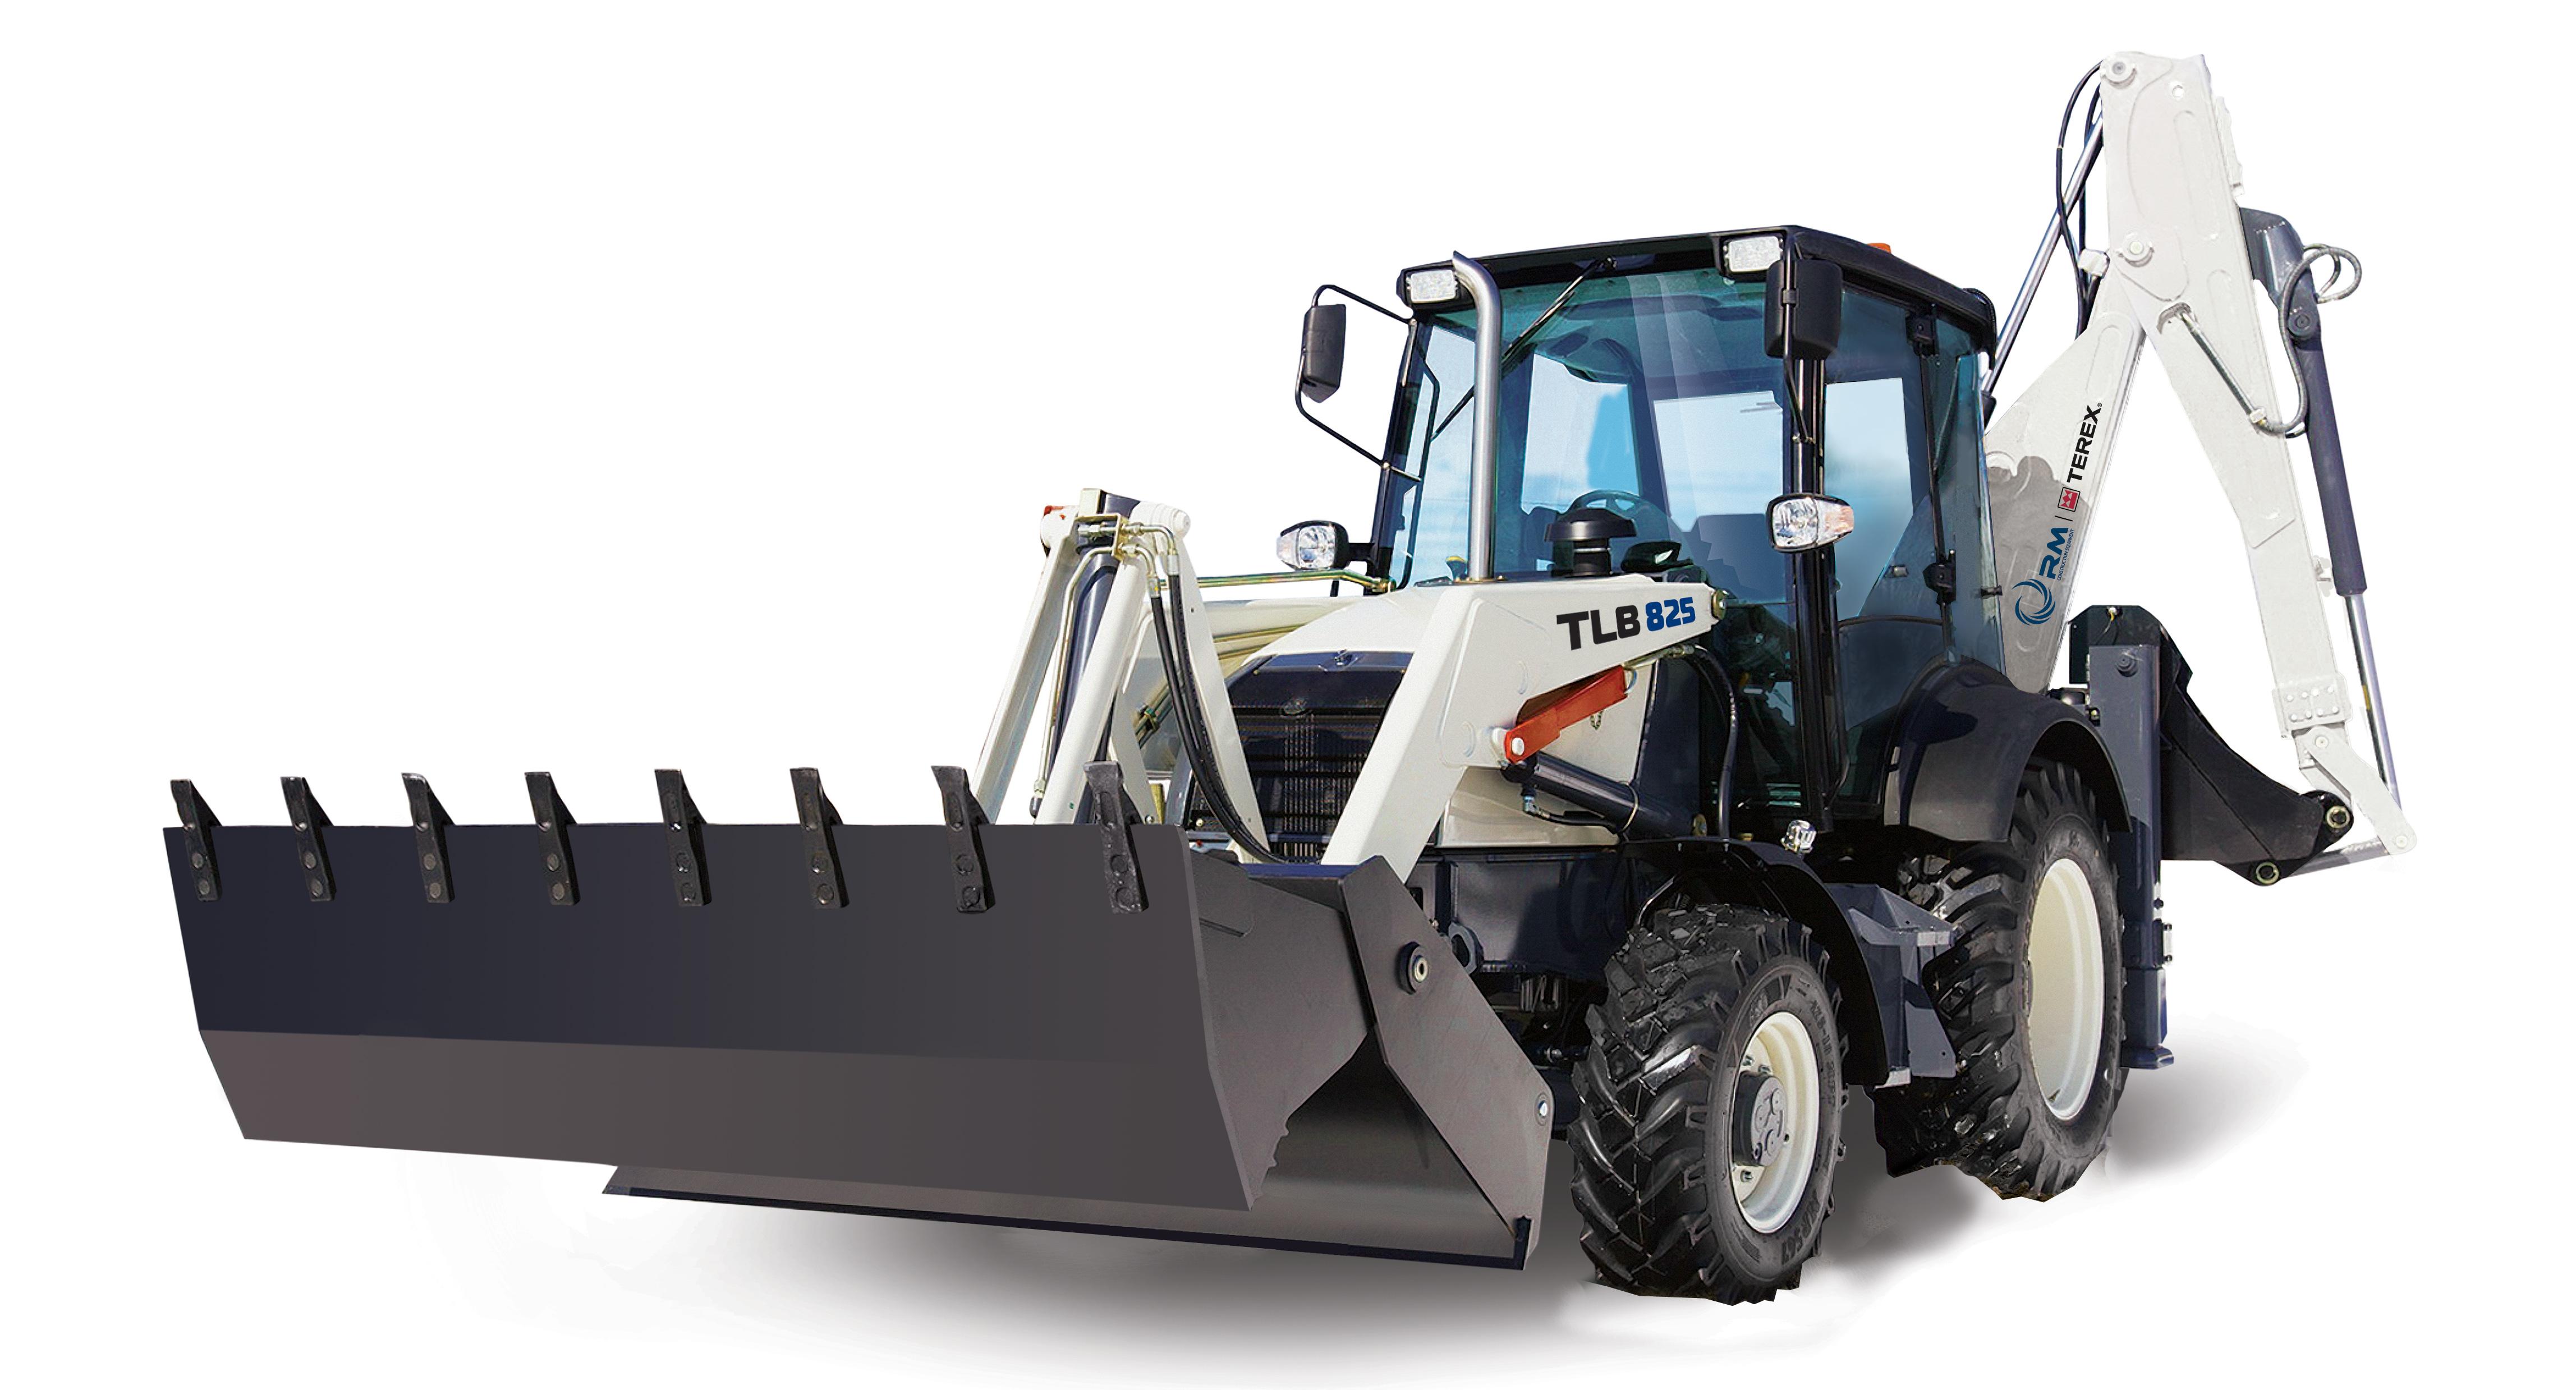 Продажа б/у тракторов в Иваново